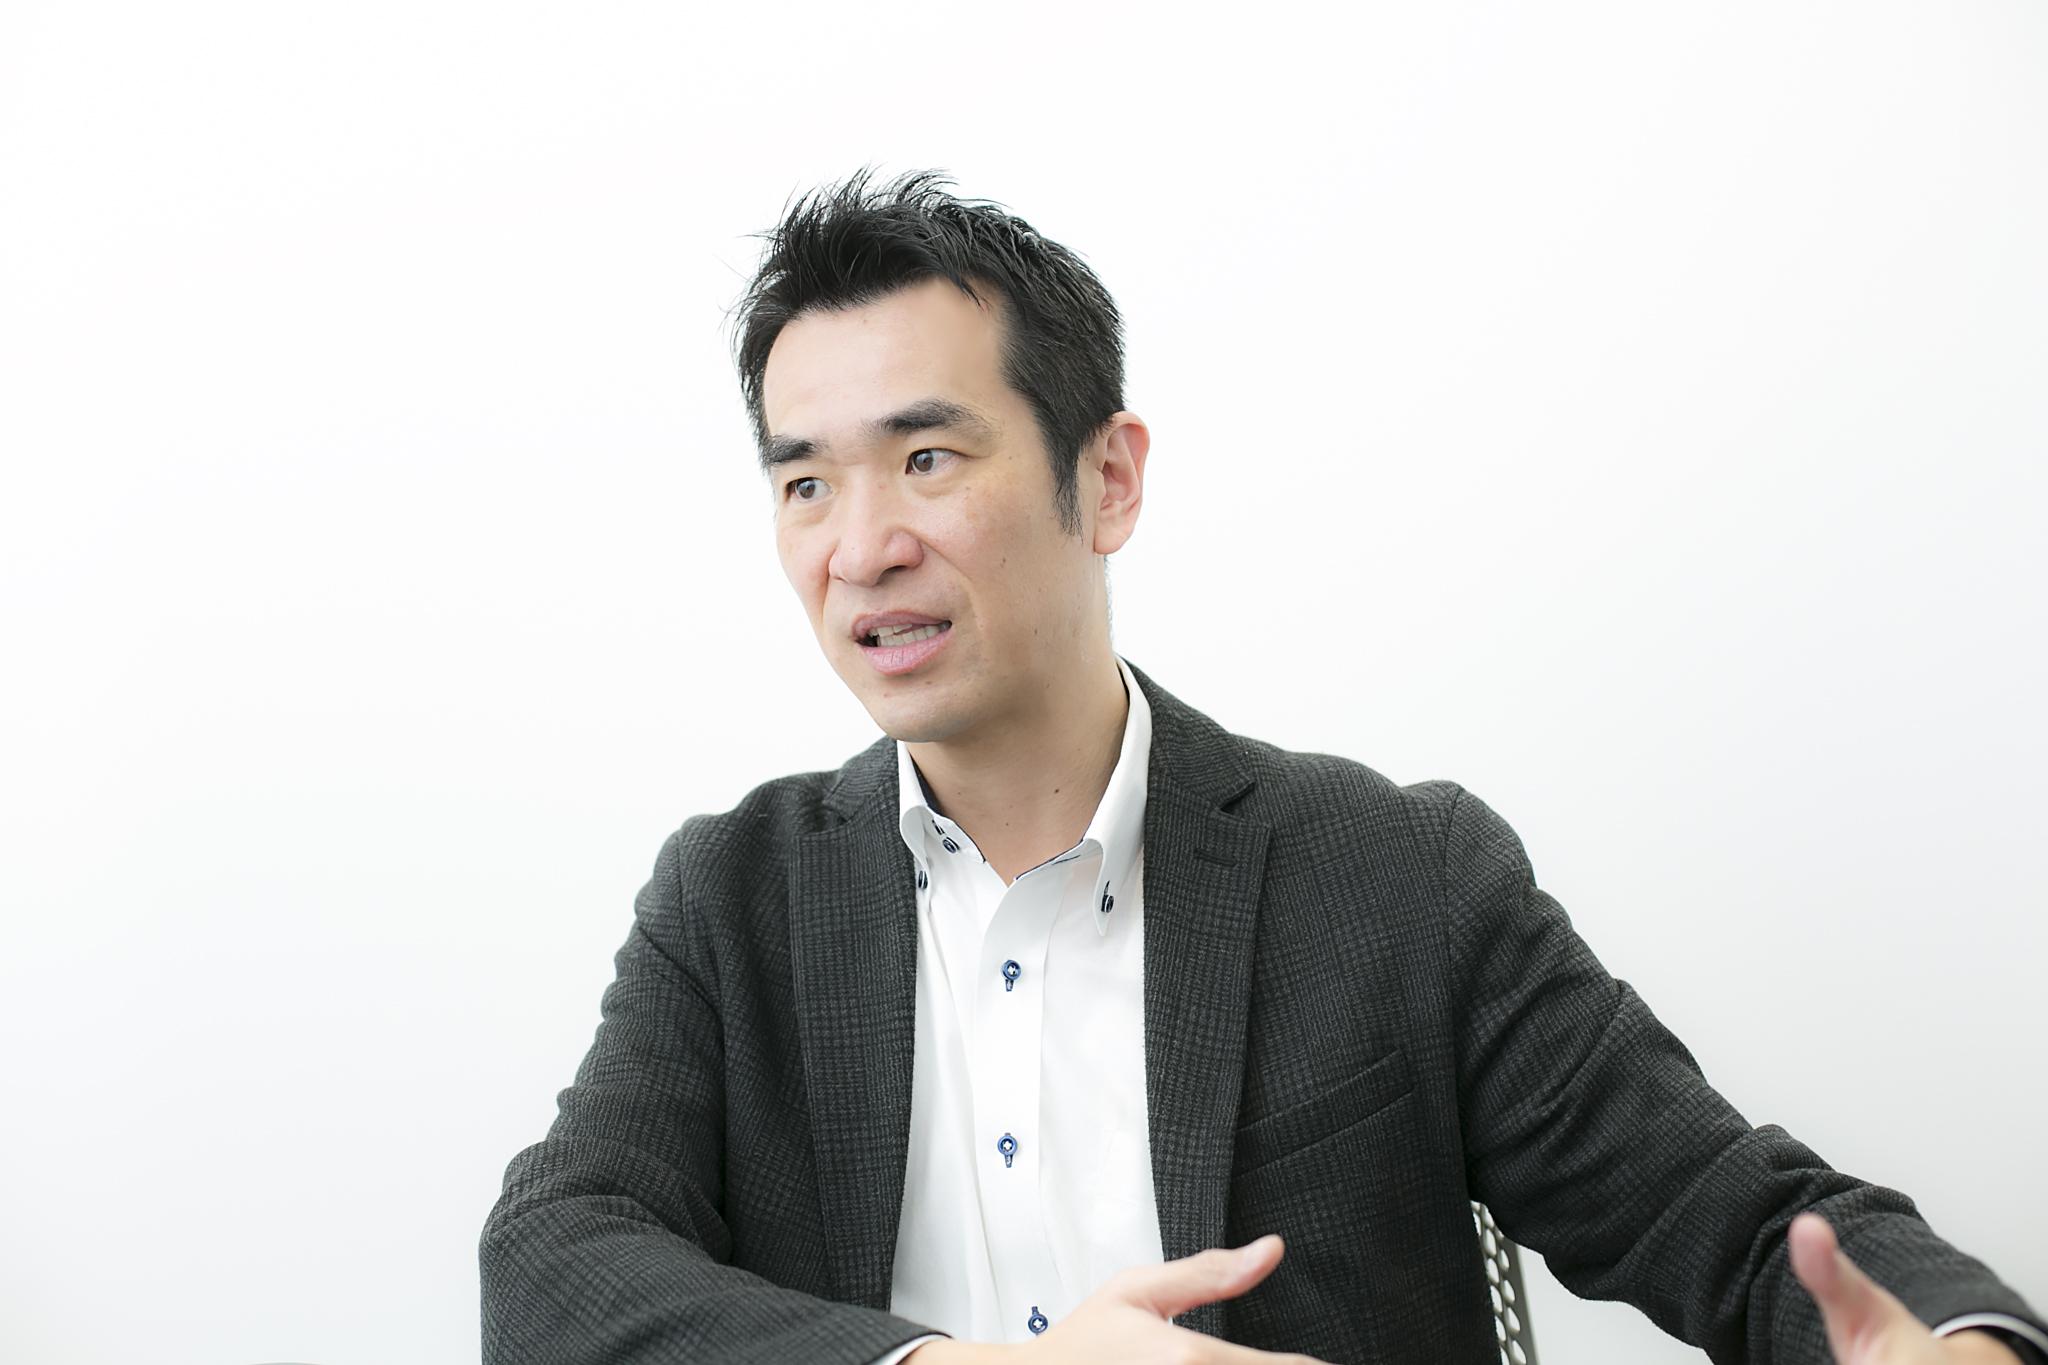 中原さんインタビュー画像